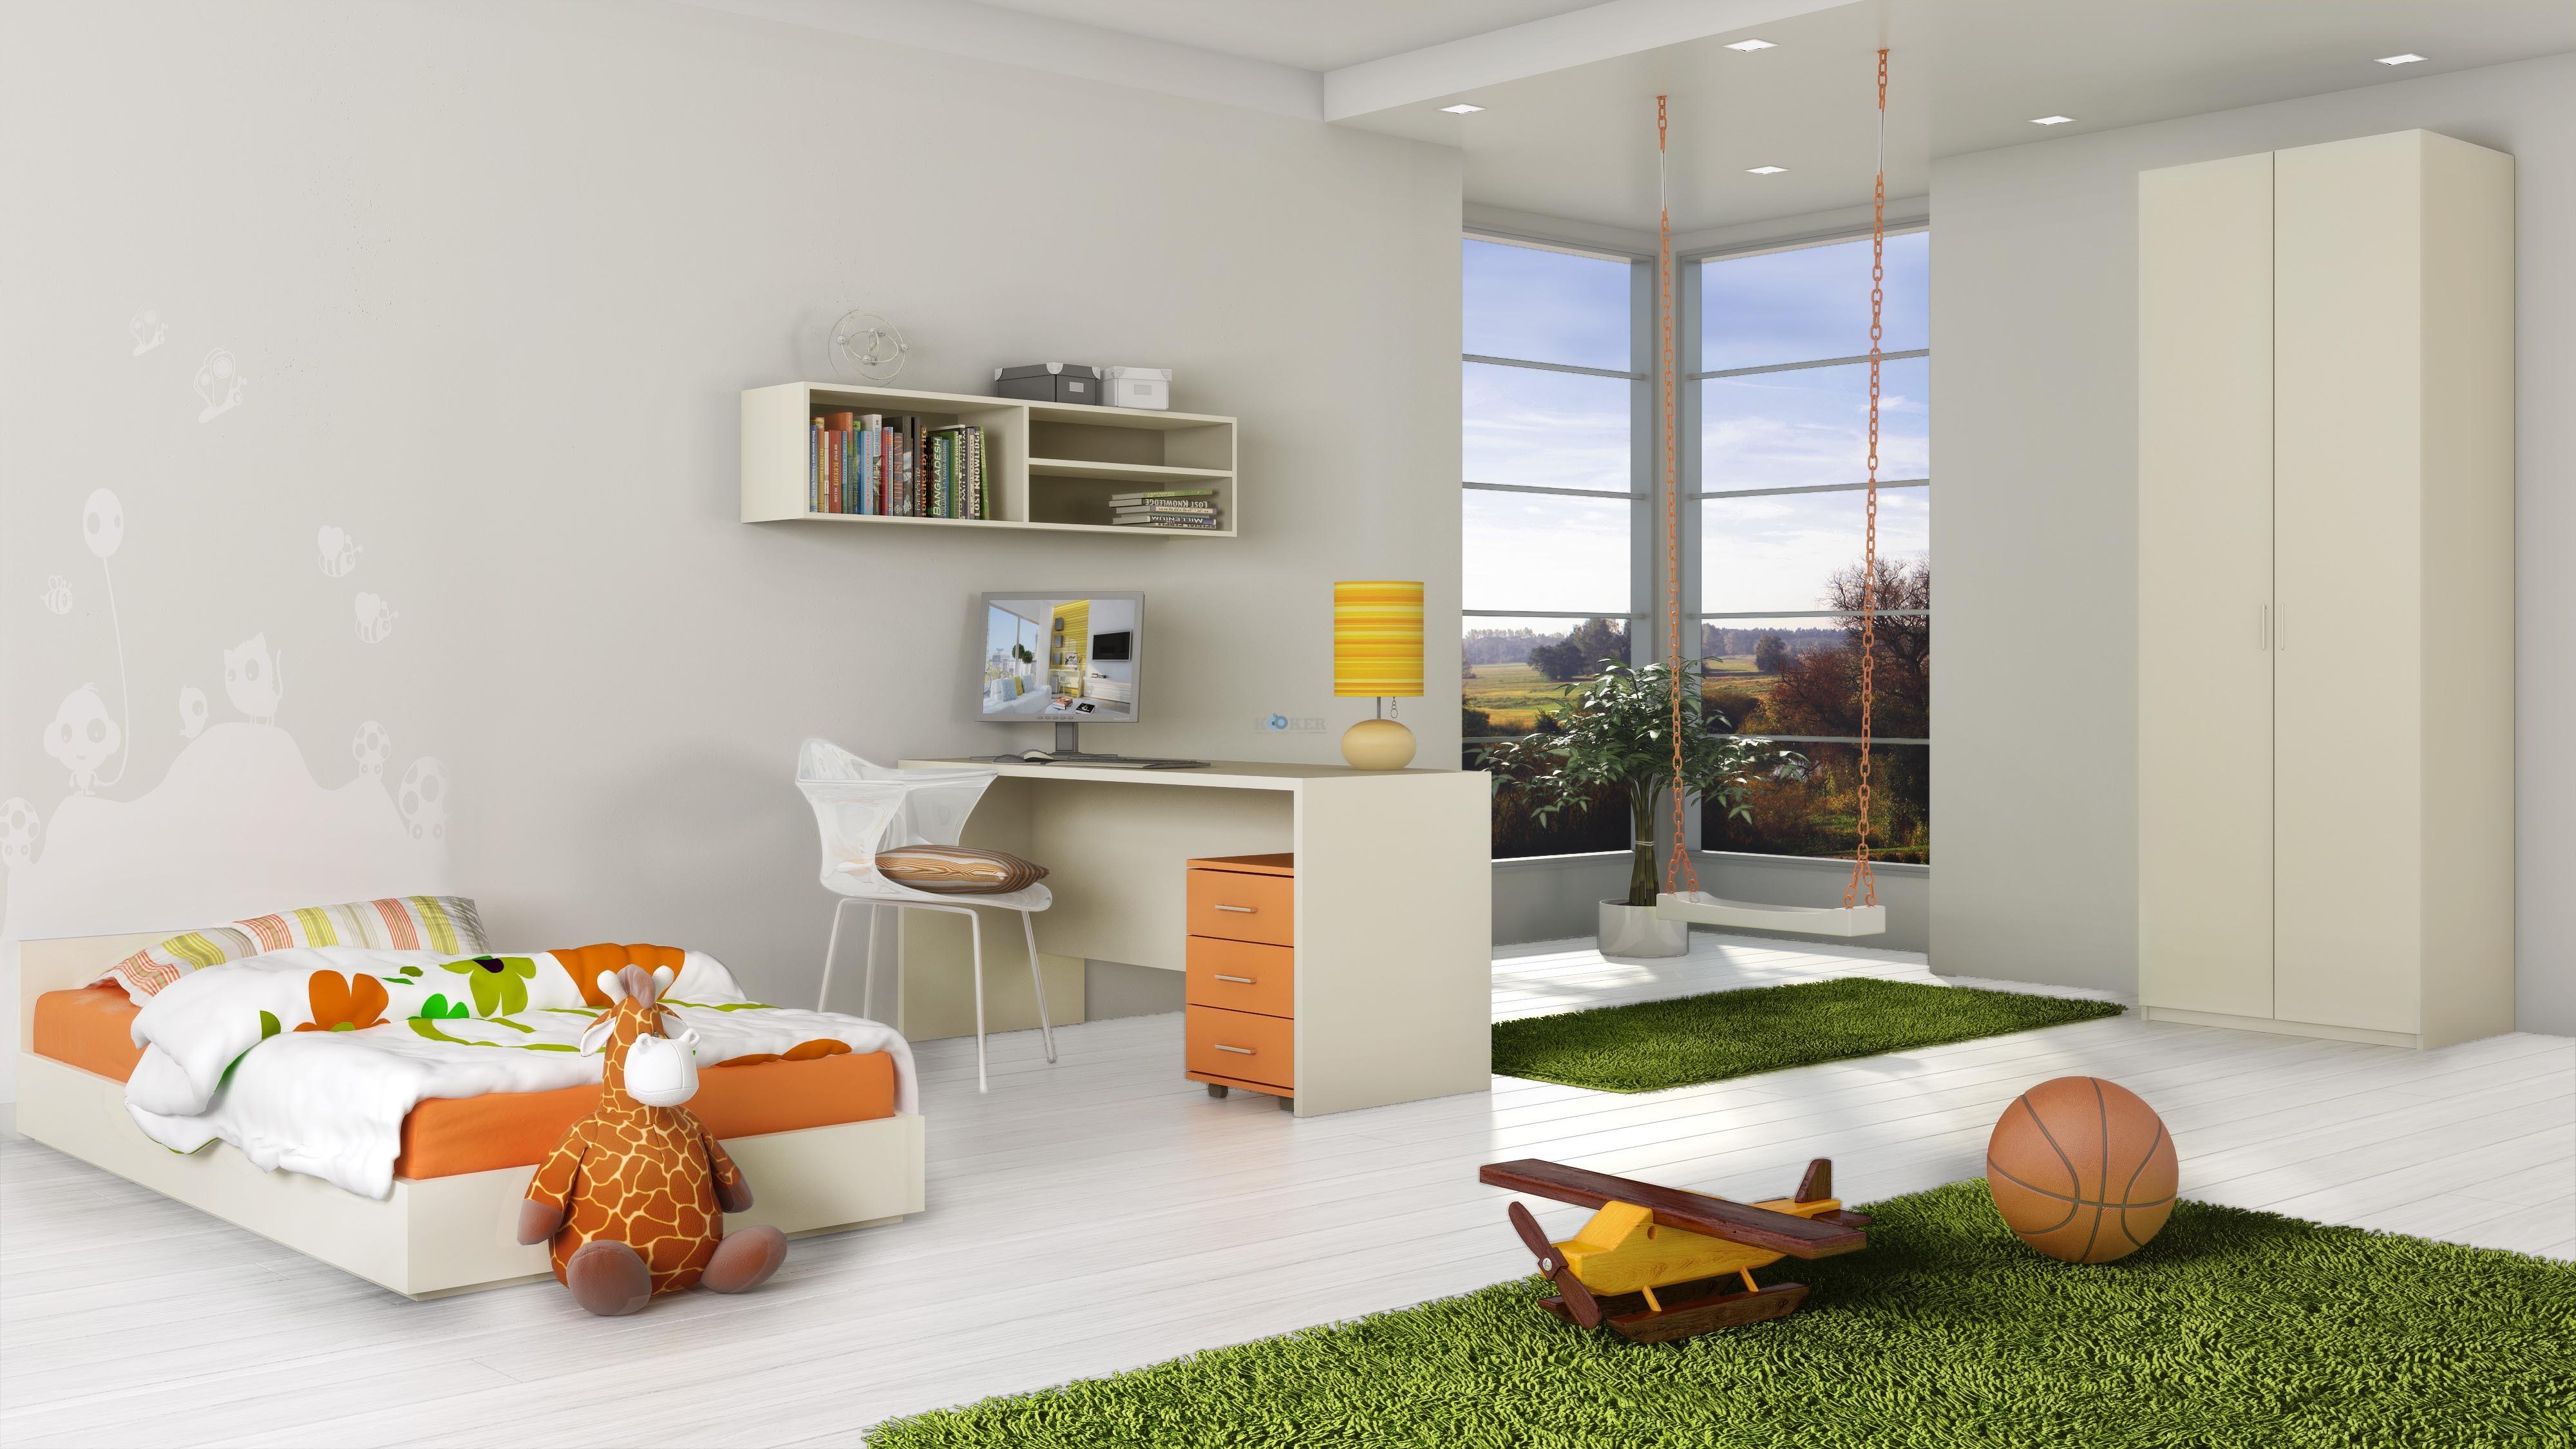 חדר עומר- 2800 שח. כולל ארון 2 דלתות, פינת לימוד, מיטה ומזרן.